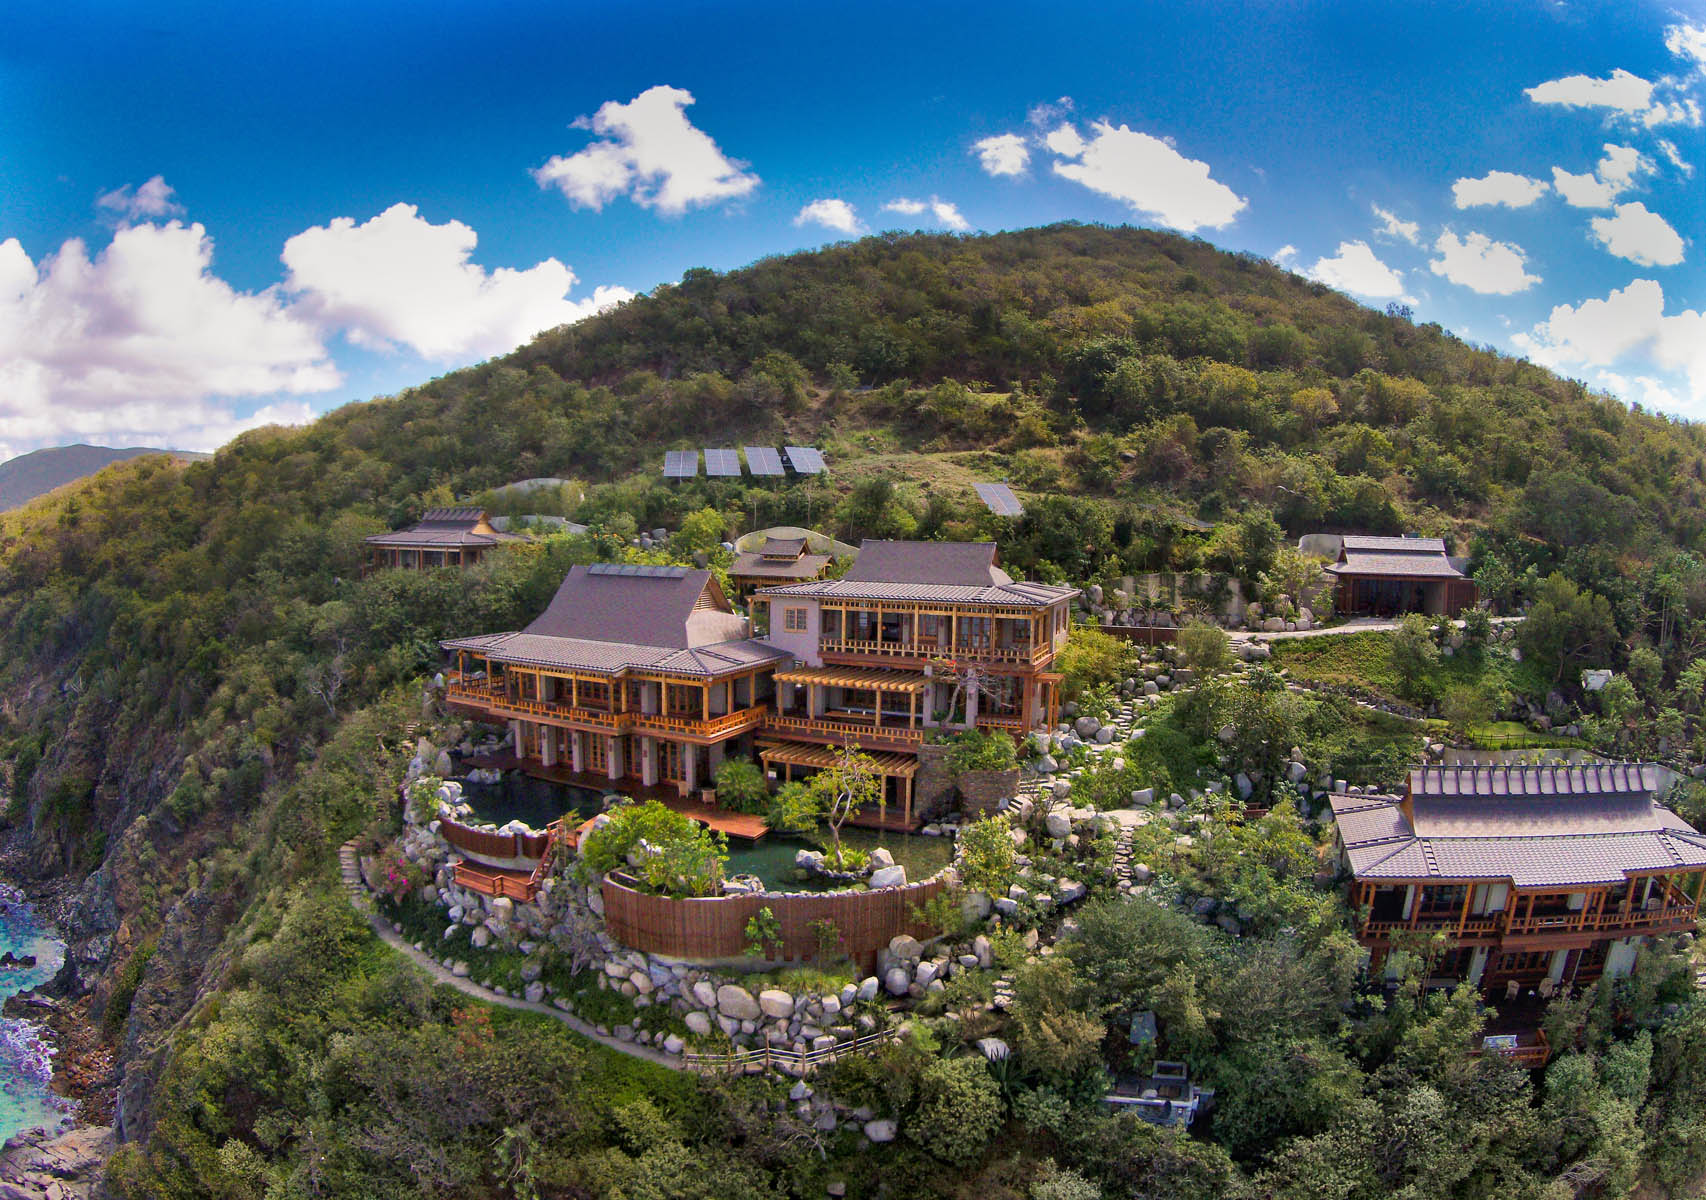 一戸建て のために 売買 アット Villa Katsura Other Virgin Gorda, ヴァージン・ゴルダ, イギリス領ヴァージン諸島